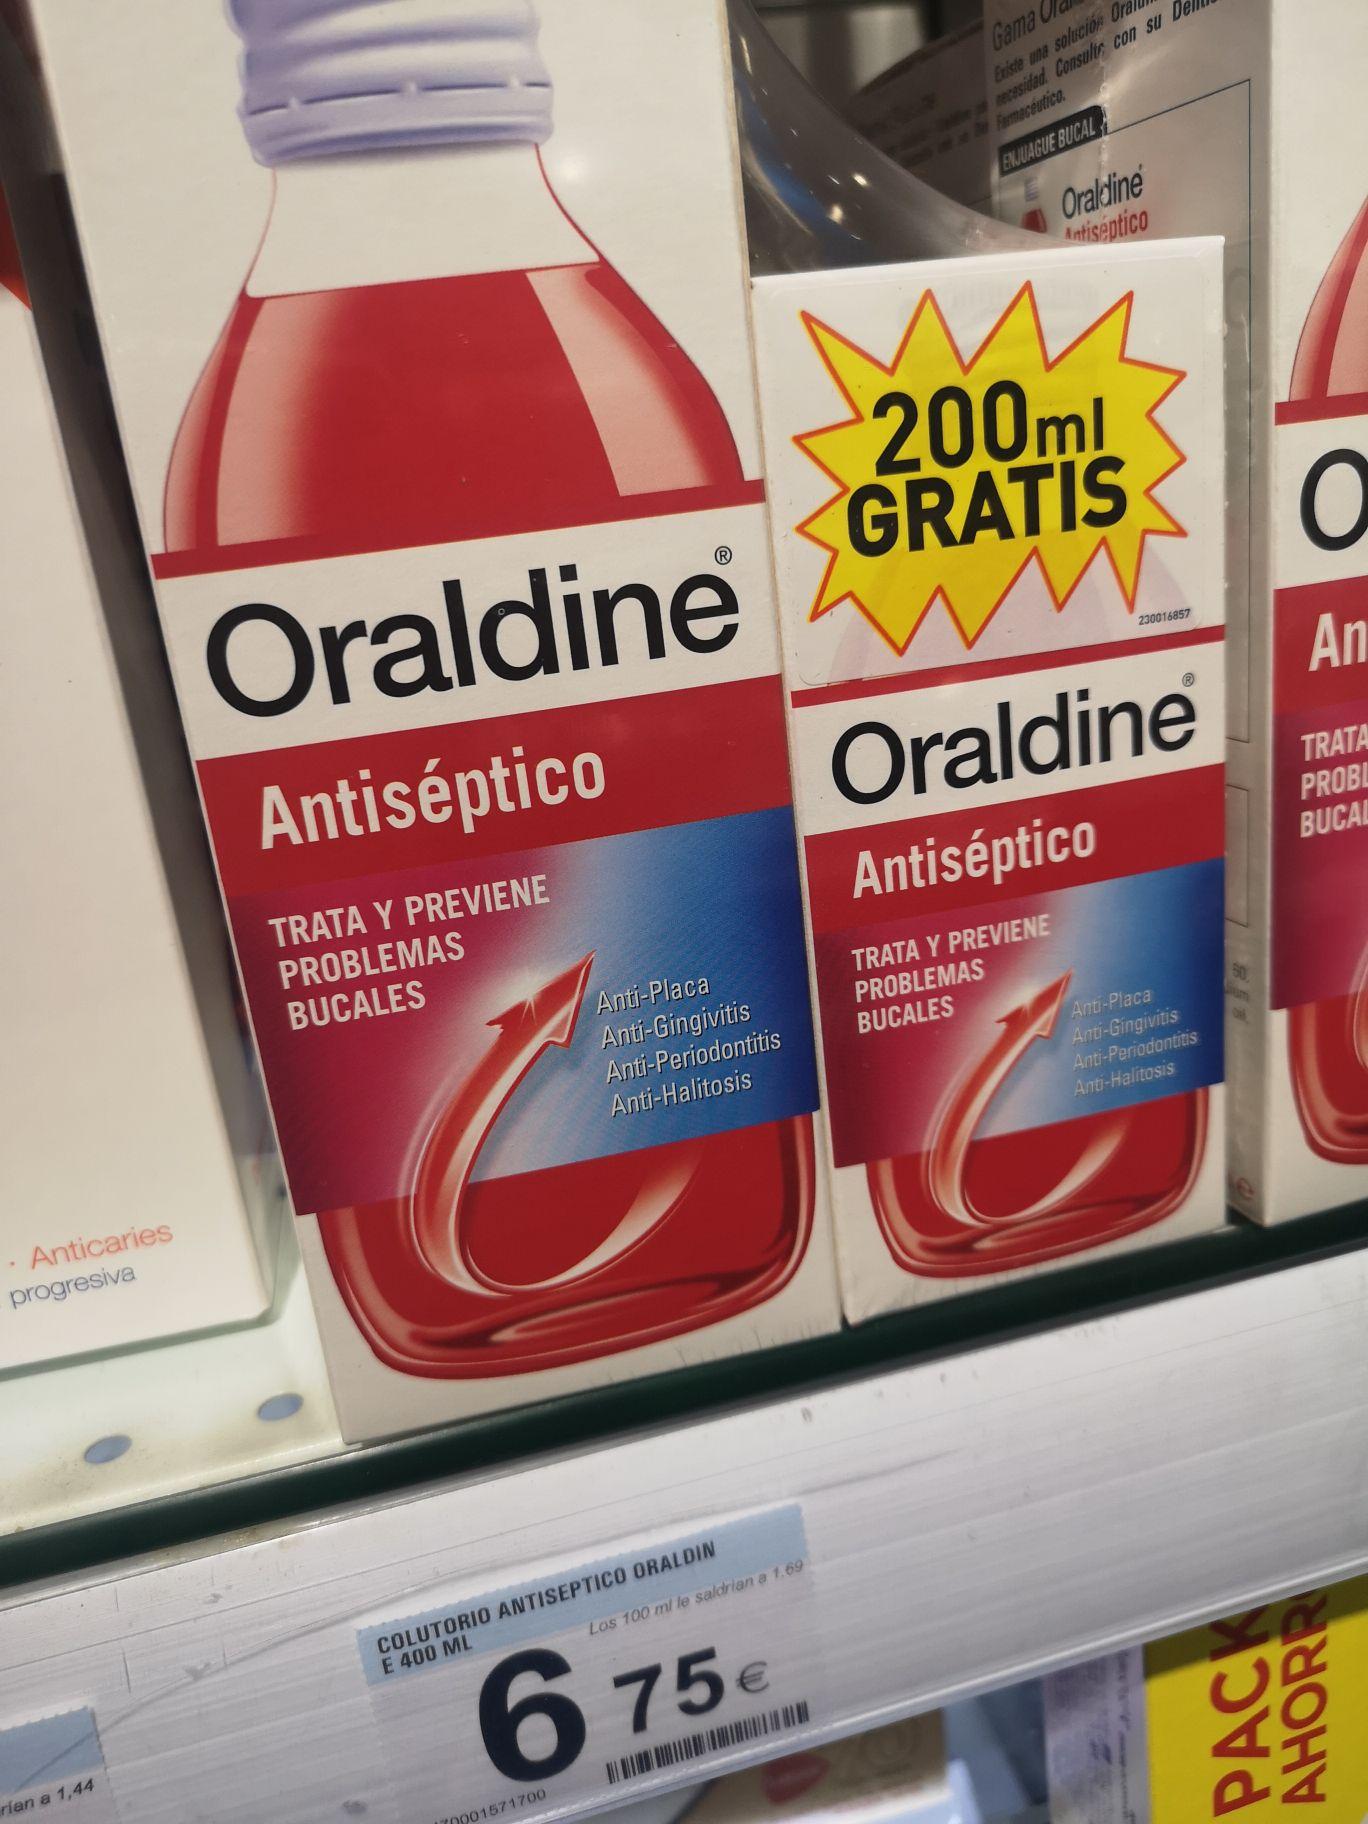 Compra Oraldine de 400 y de regalo otro de 200ml en Carrefour Hospitalet cc granvia 2